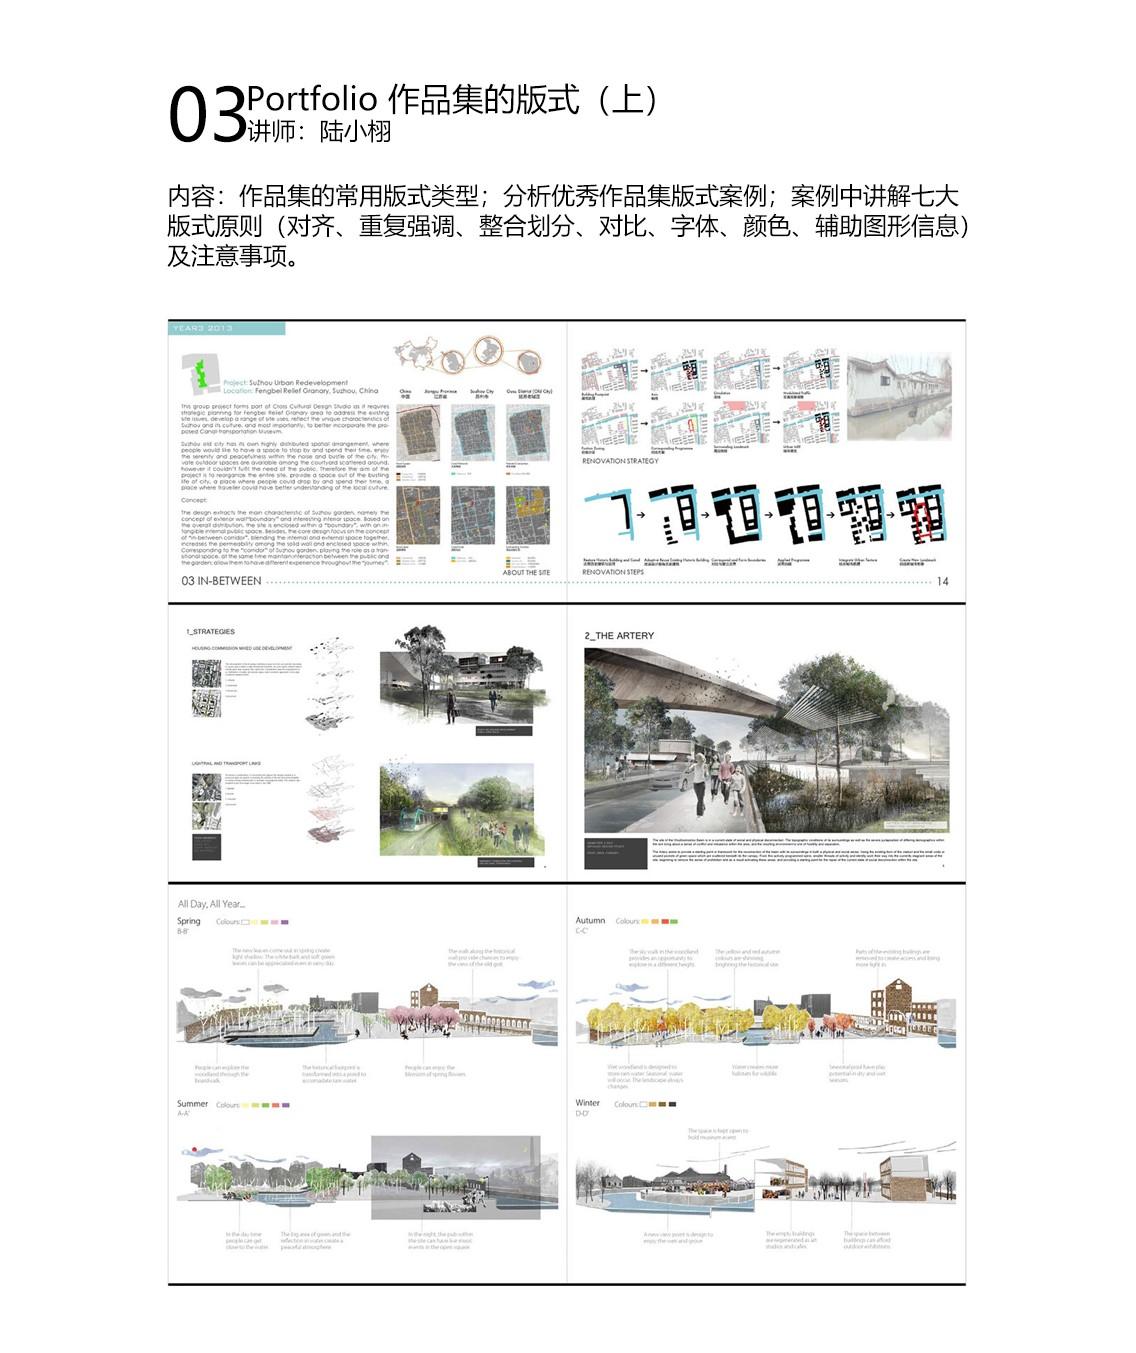 一对一作品集辅导:InDesign景观作品集制作,讲解景观作品集制作秘籍:22条实用金律,由外企经历的设计总监亲授,进行景观作品集辅导、制作。